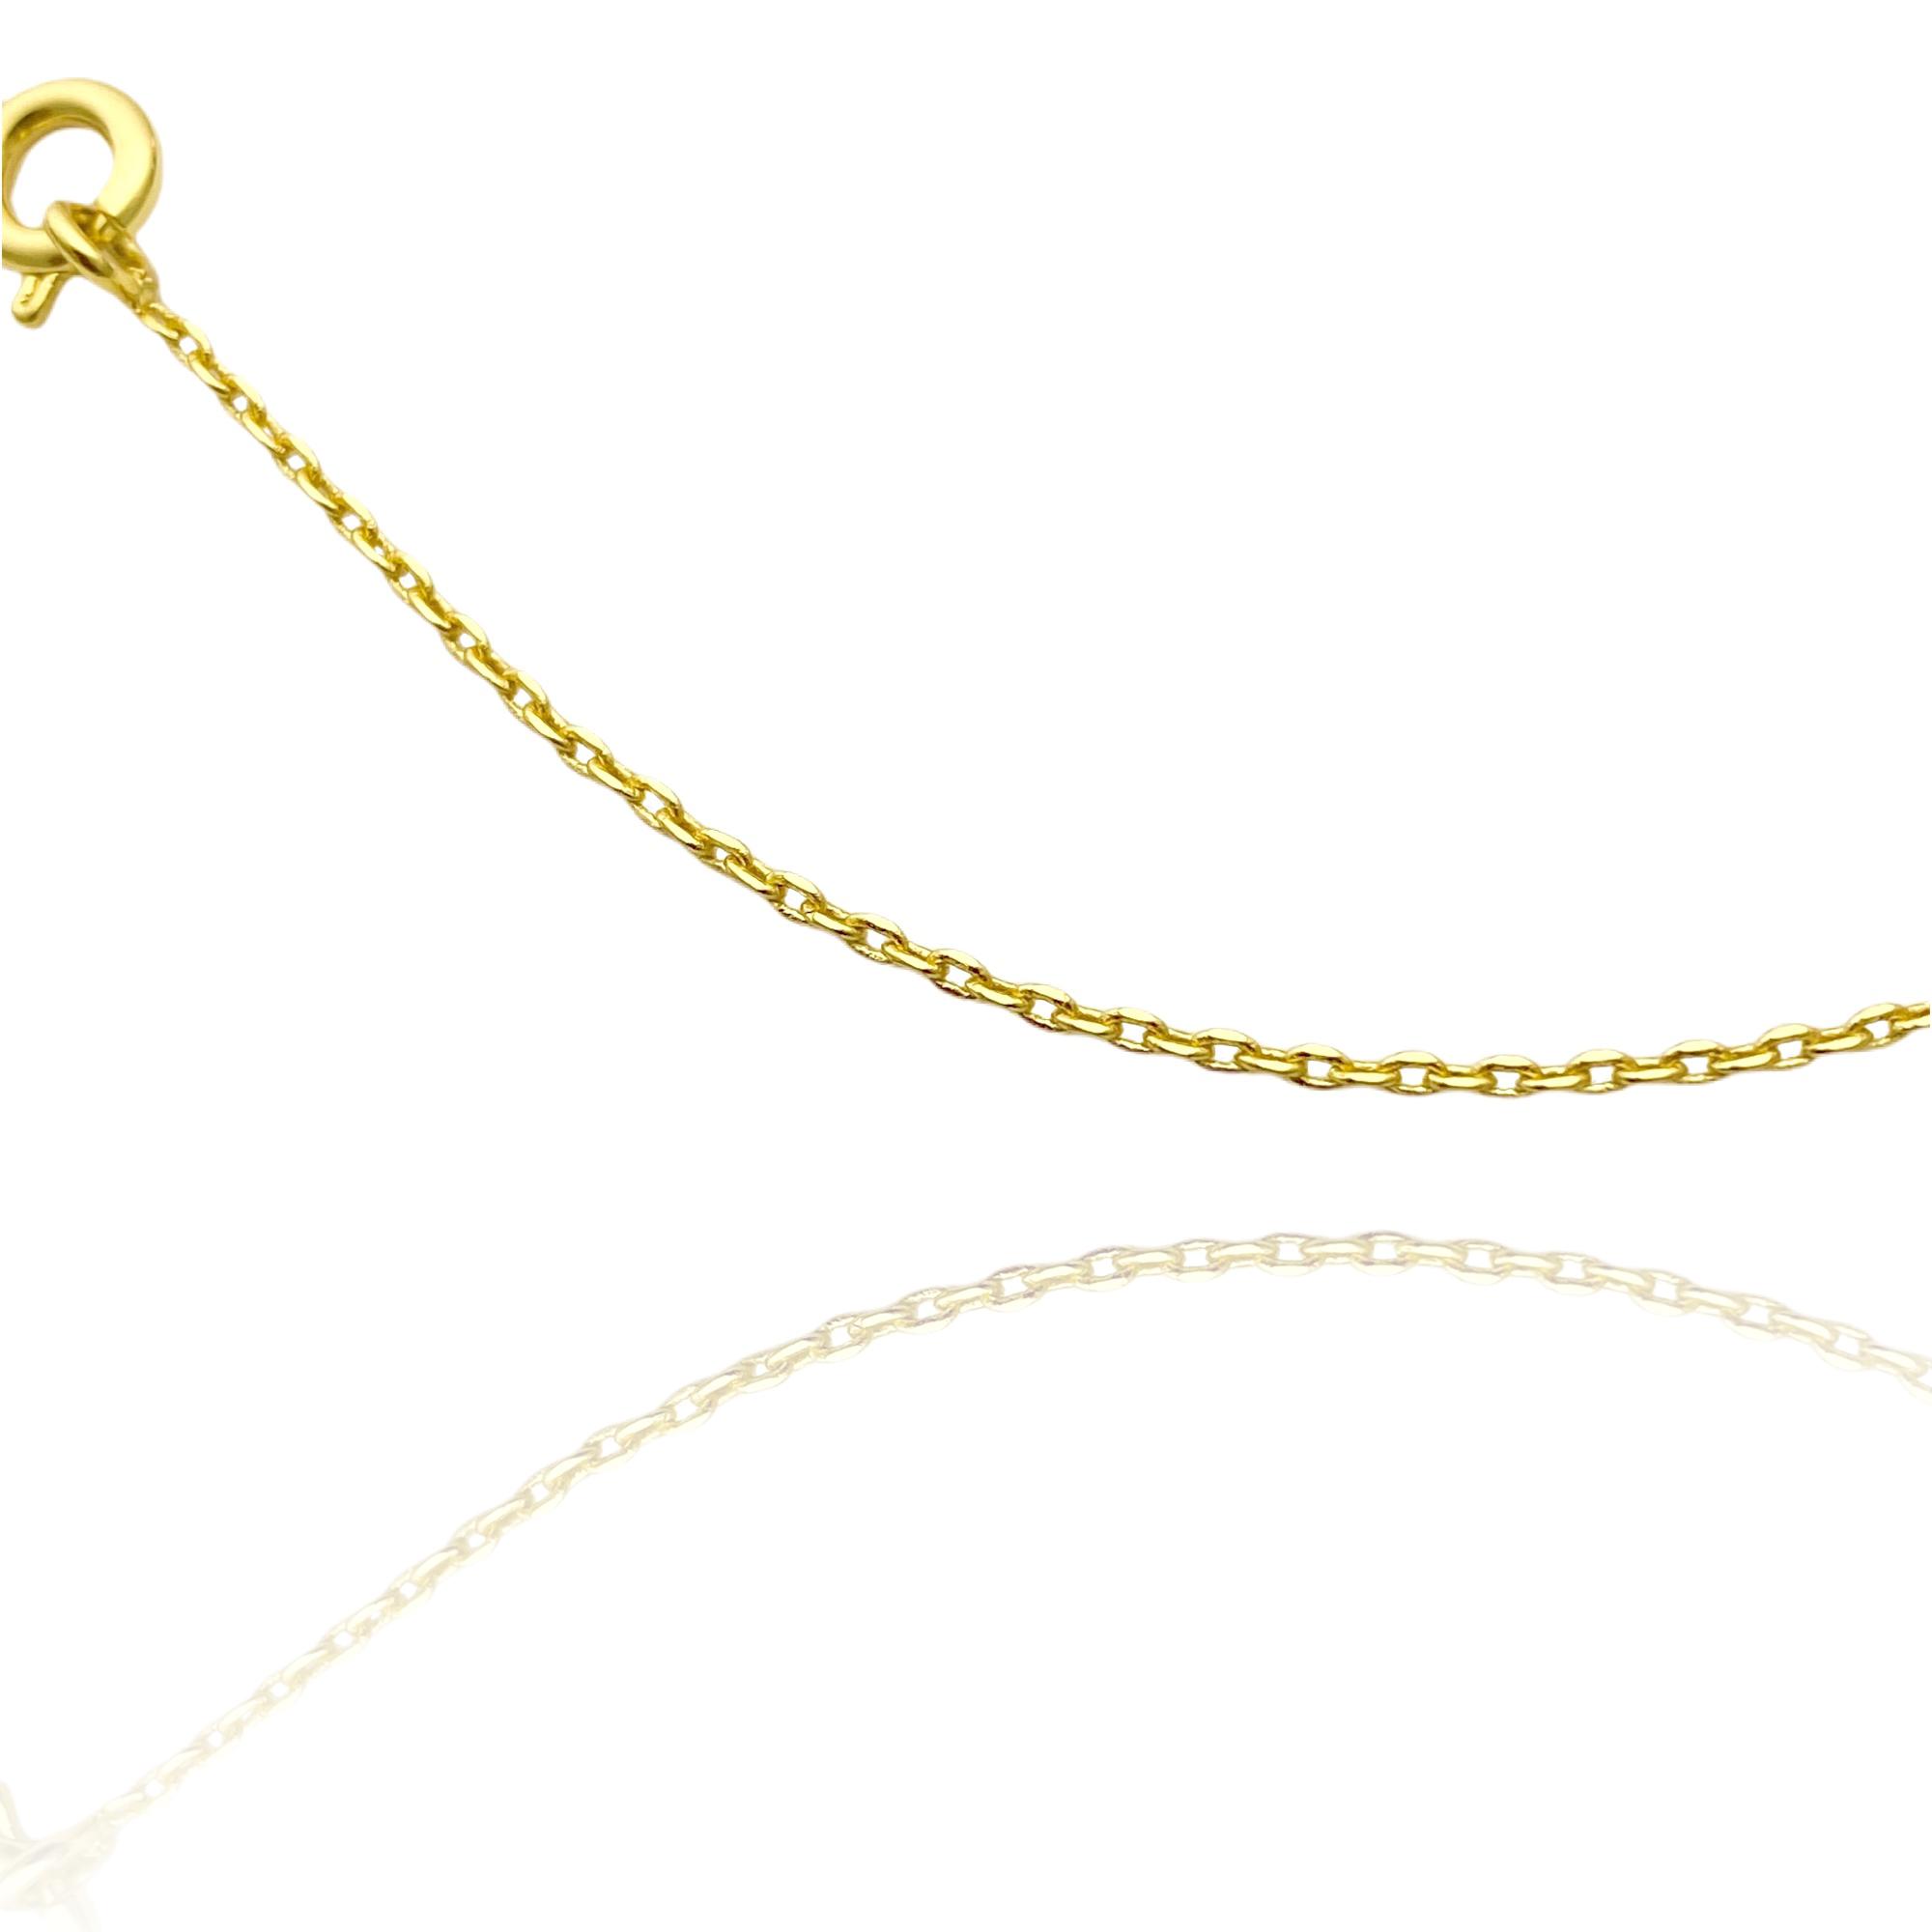 Corrente Carrier Cadeado 1,2mm 80cm (Fecho Tradicional) (Banho Ouro 24K)